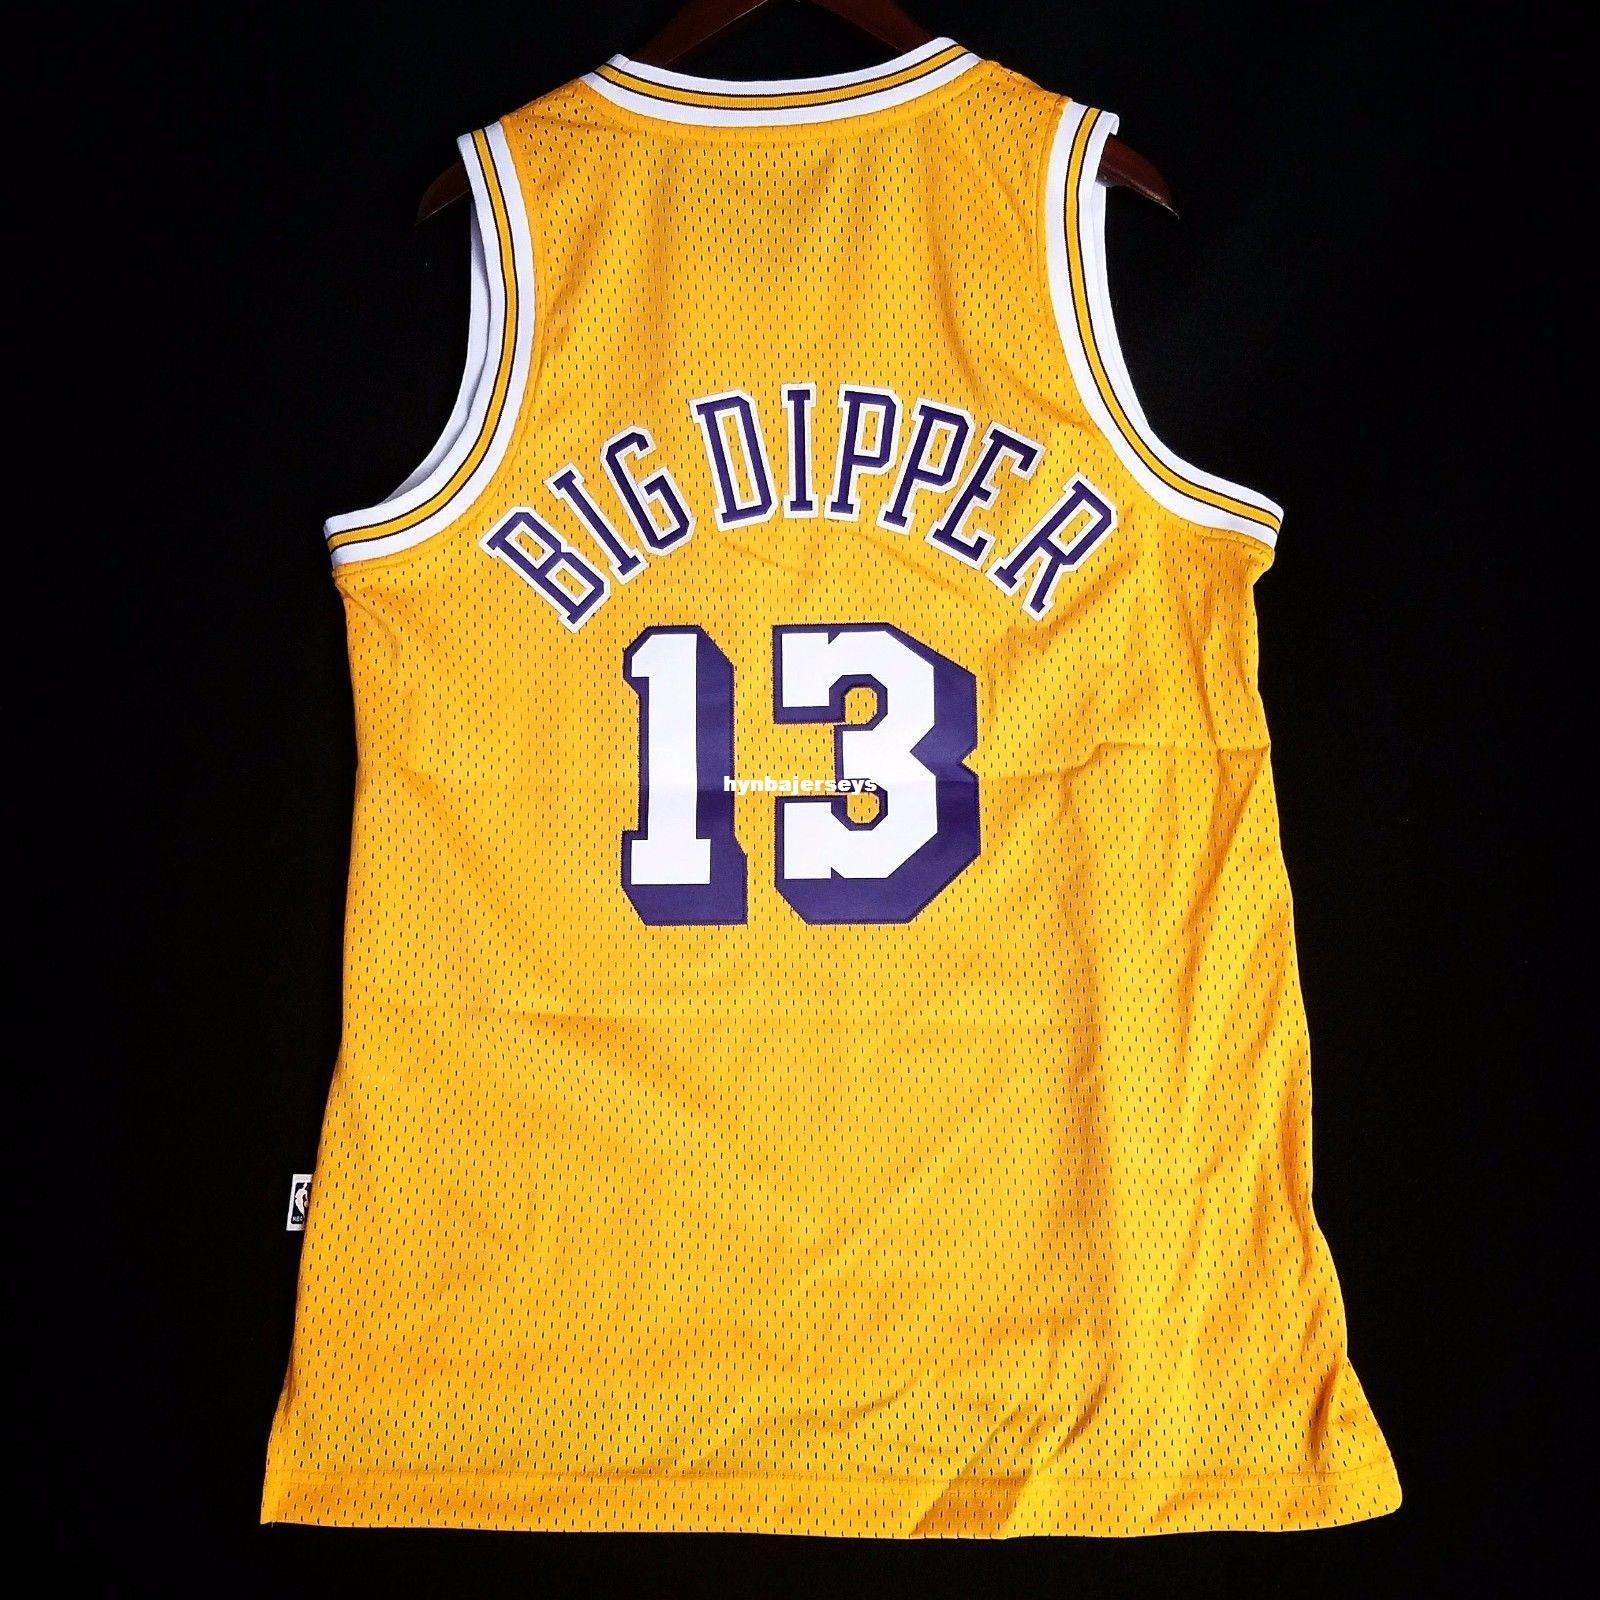 5f5df317e Acheter Rétro 100% Cousu Wilt Chamberlain   13 Big Dipper Soul Hwc En Gros  Jaune Jersey Mens Gilet Taille Xs 6xl Cousu Basketball Jerseys De  19.45 Du  ...